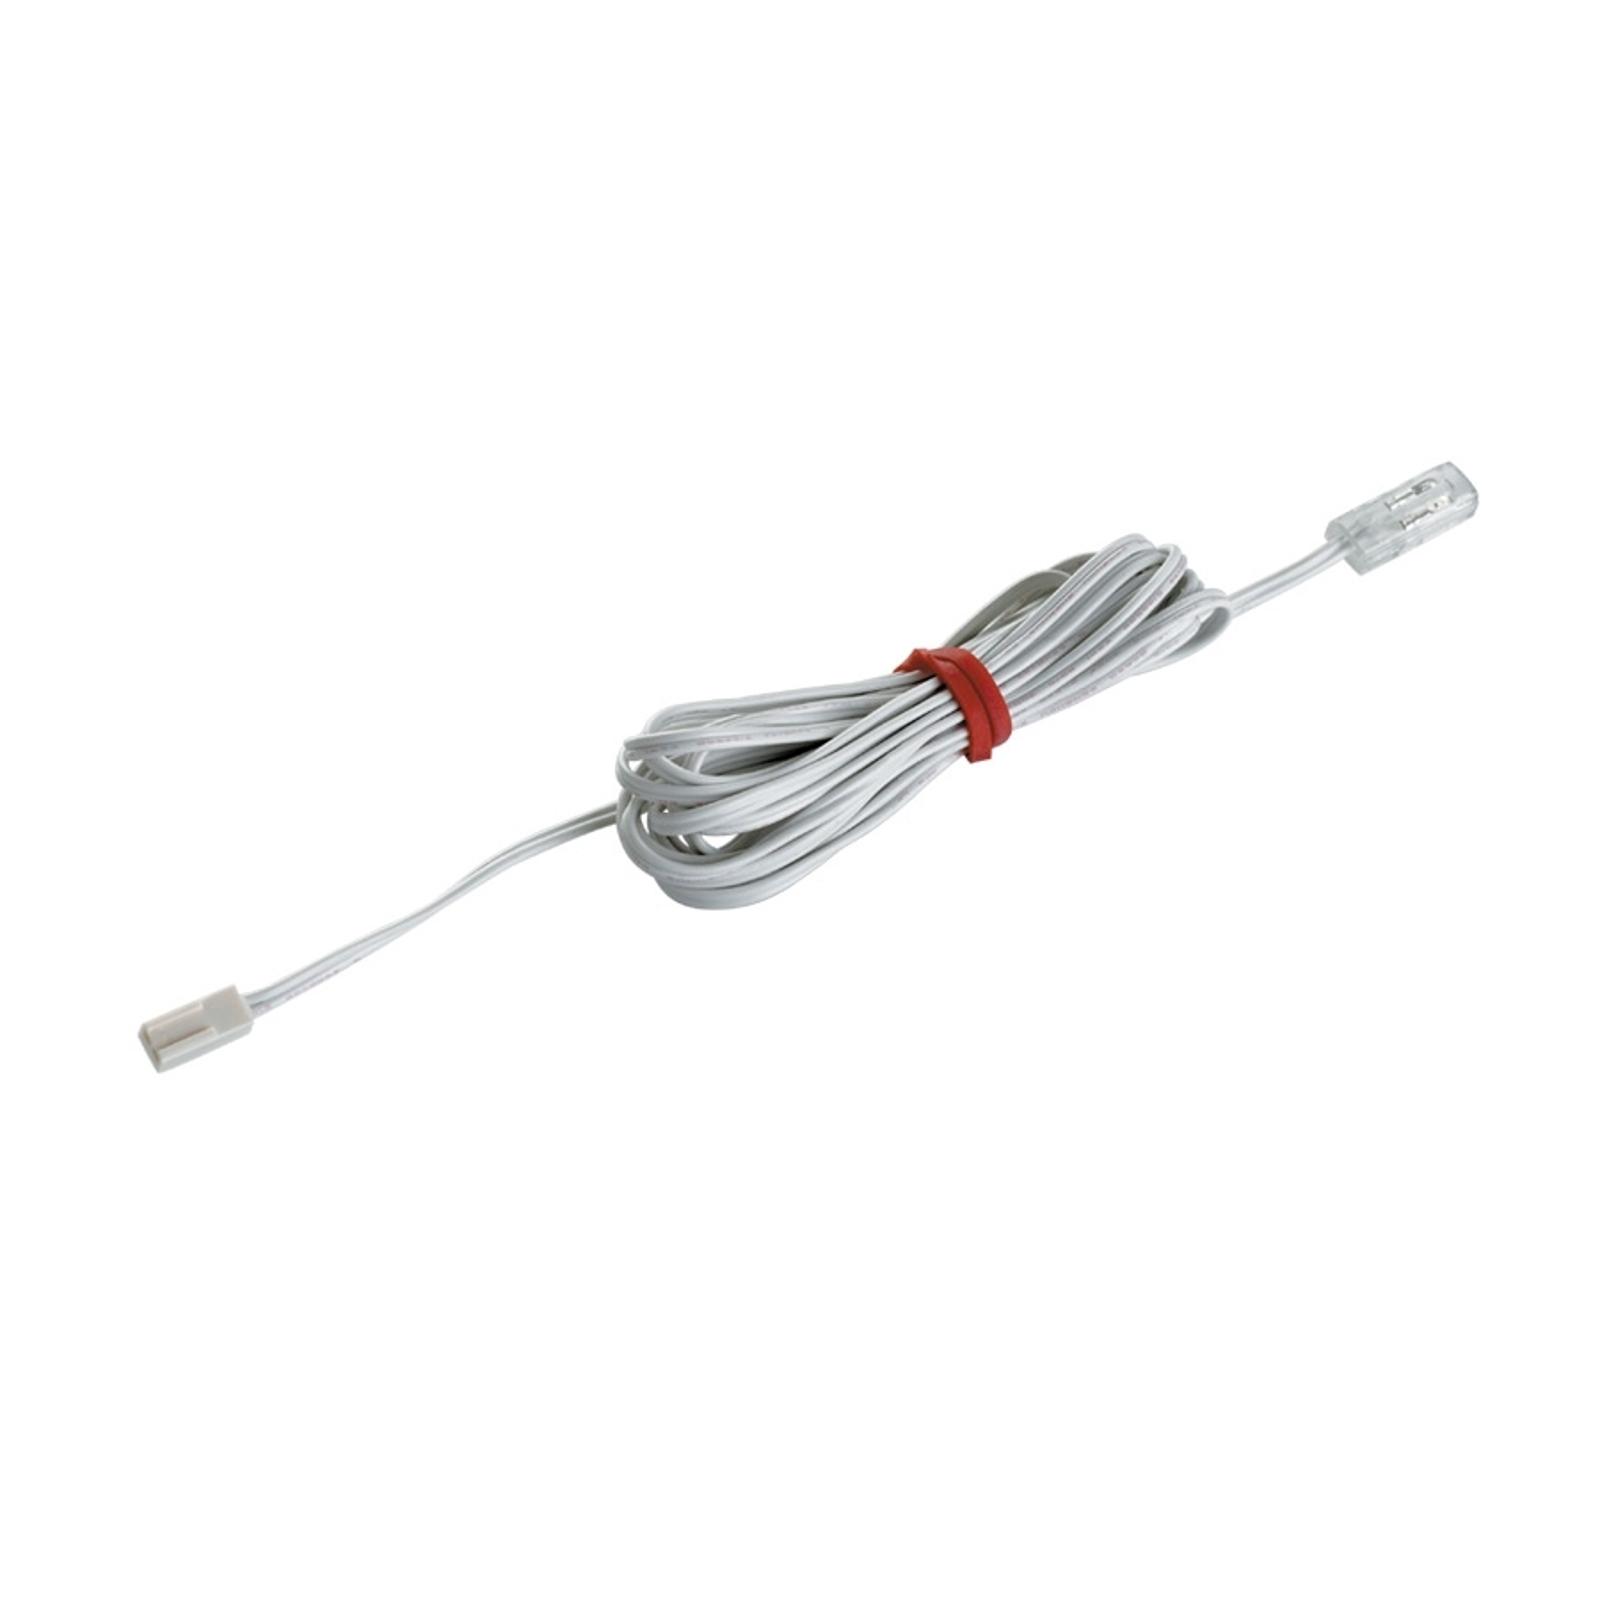 LED 24 Verbindungsleitung 1 m